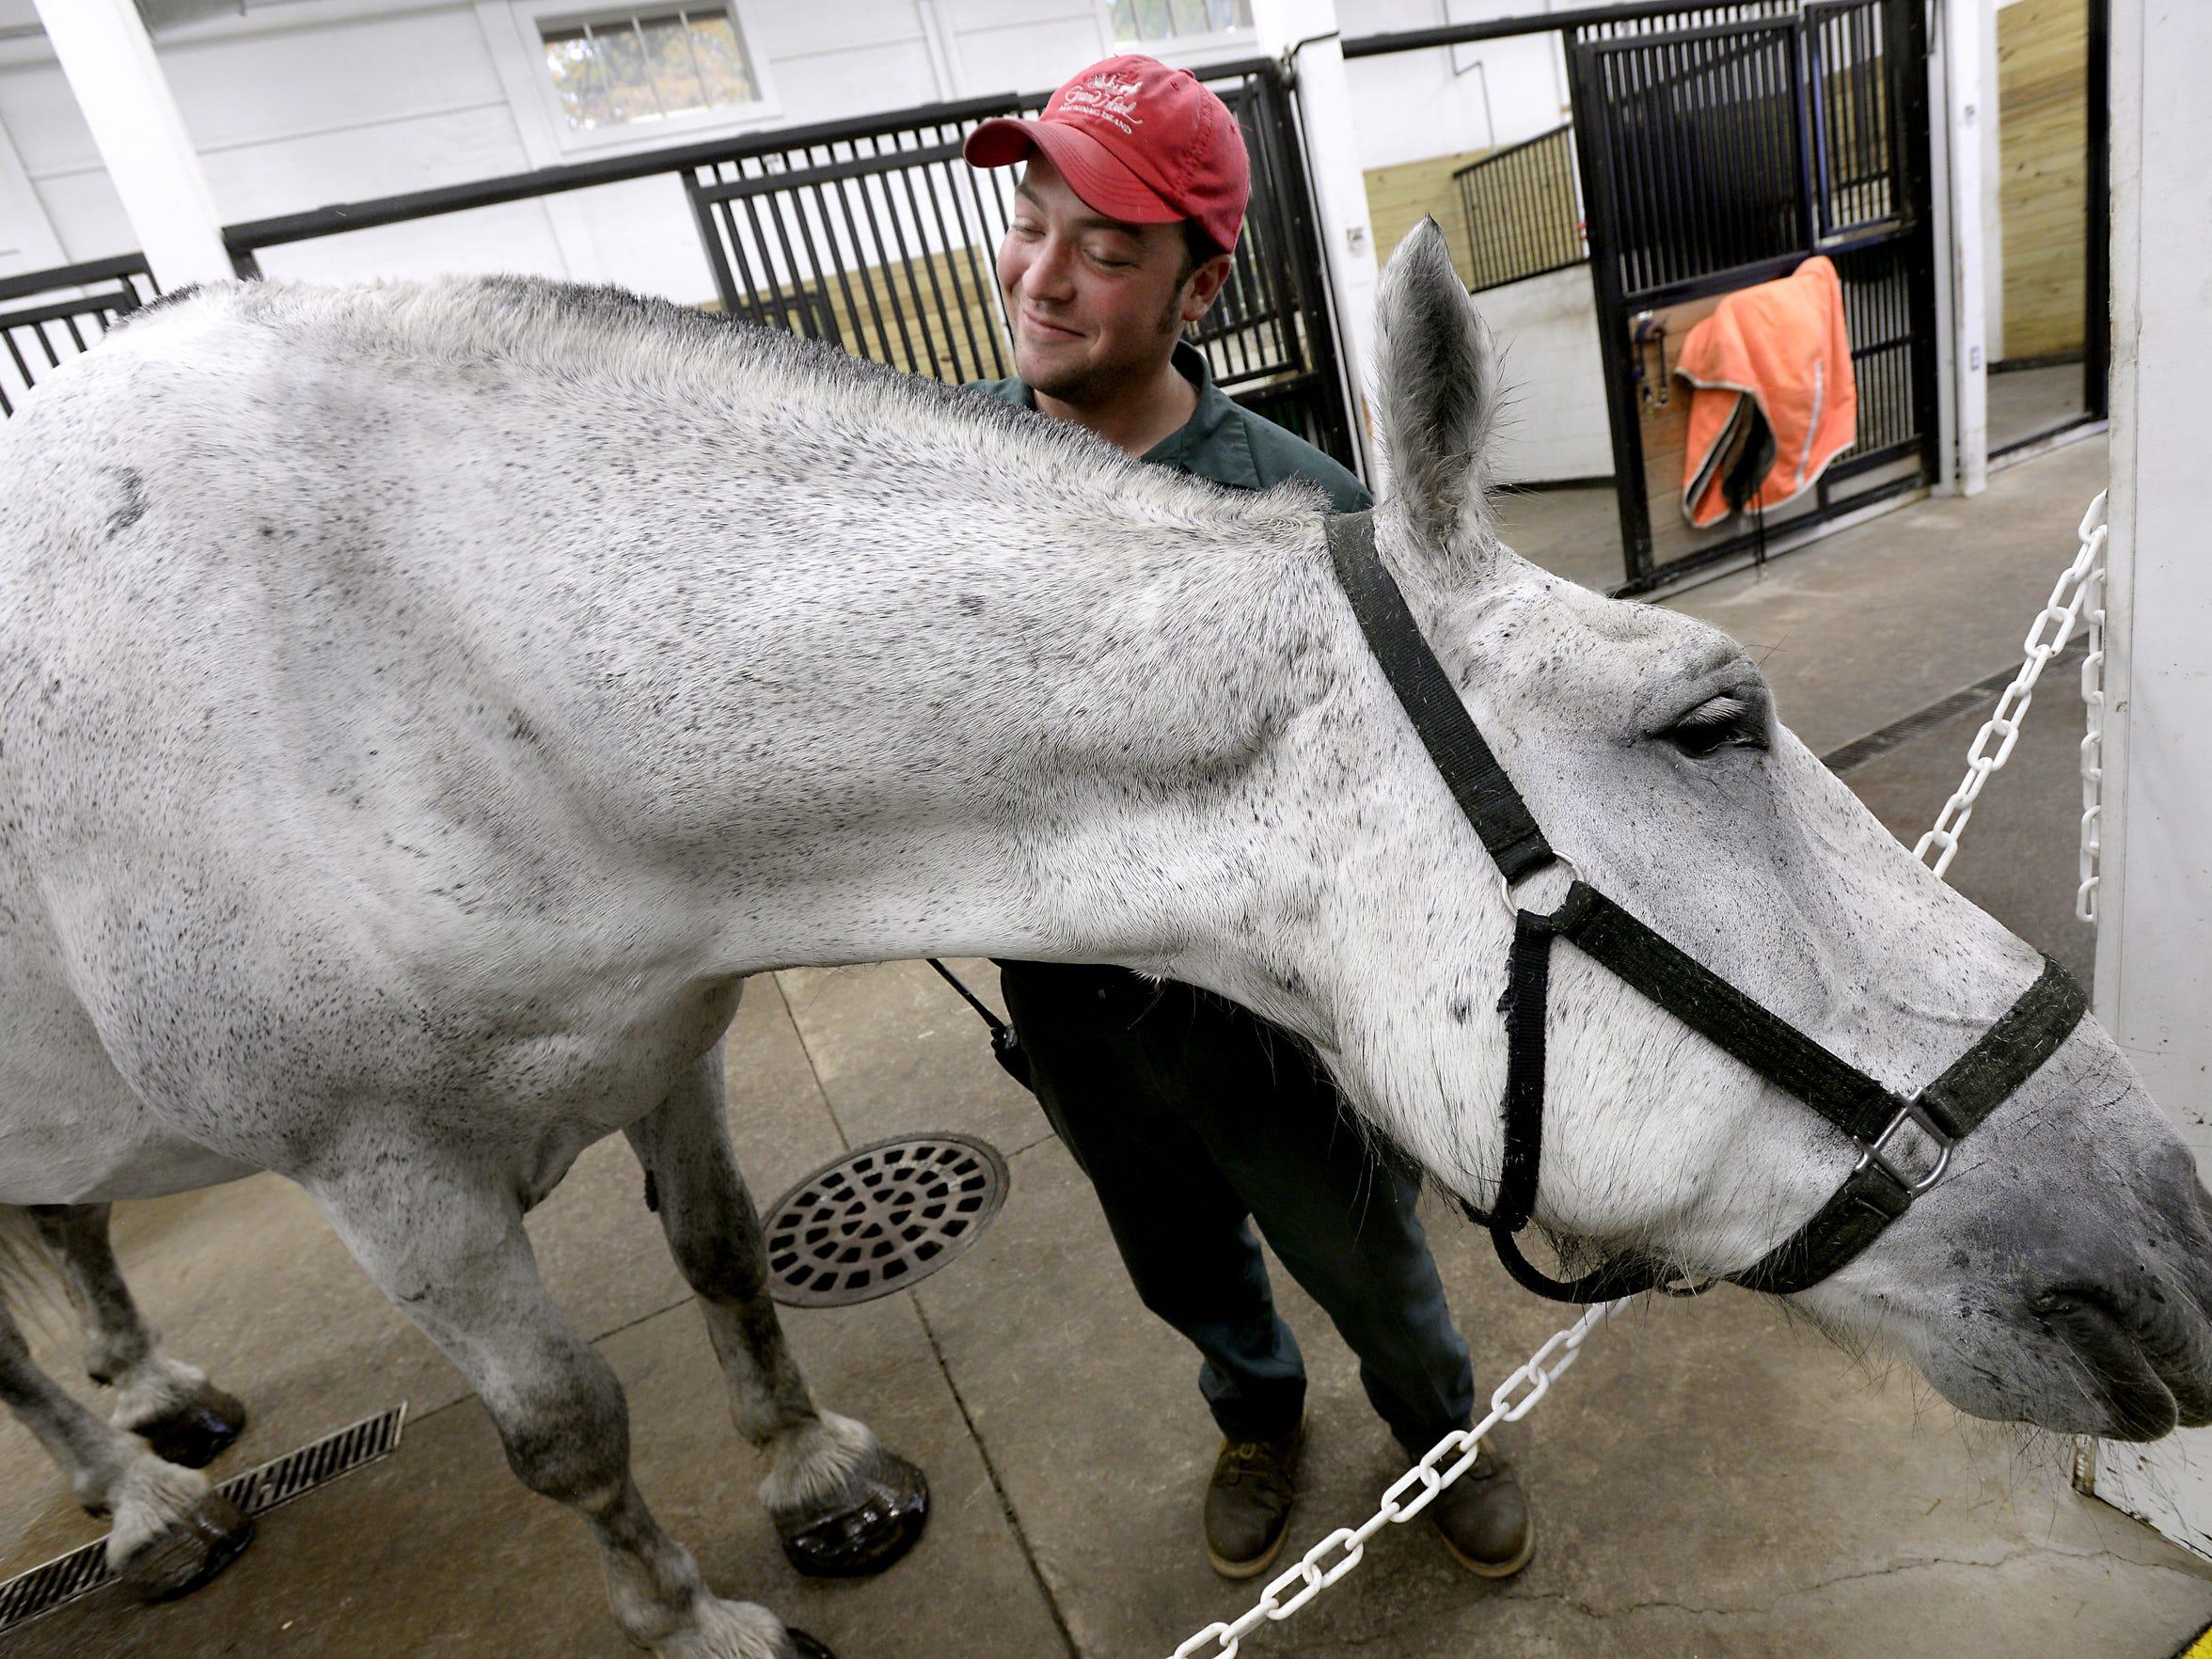 Ryan Lieblang scratches the neck of a percheron horse